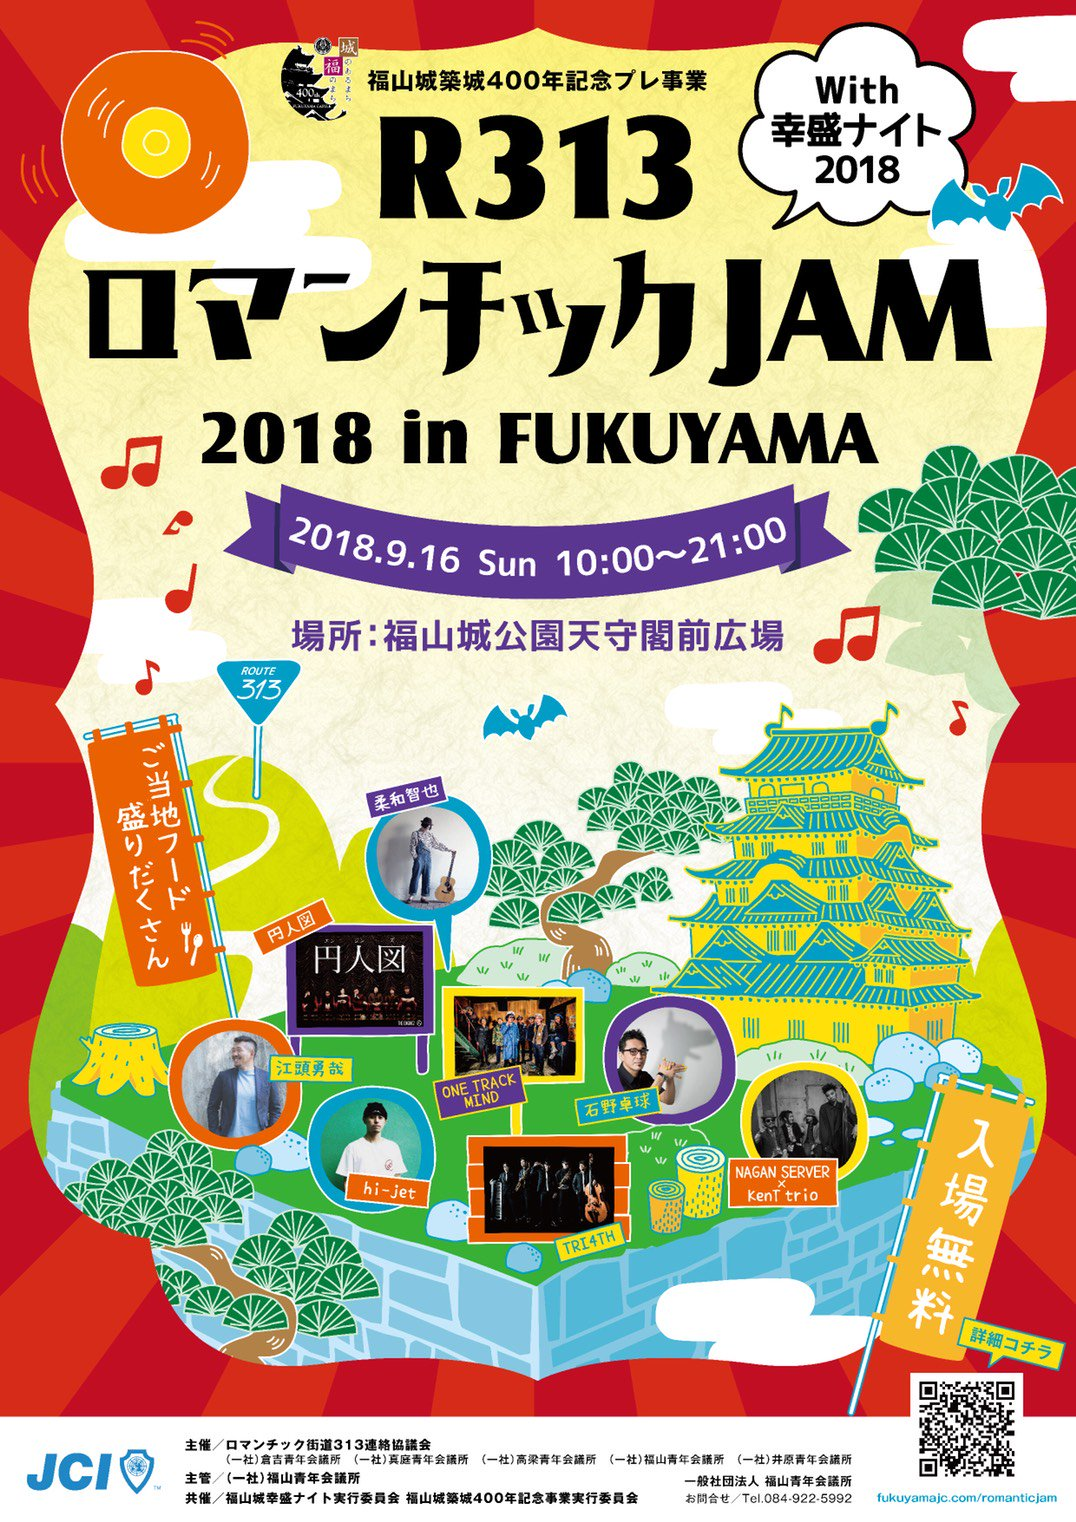 福山城城築城400年記念プレ事業 『R313ロマンチックJAM2018in FUKUYAMA』